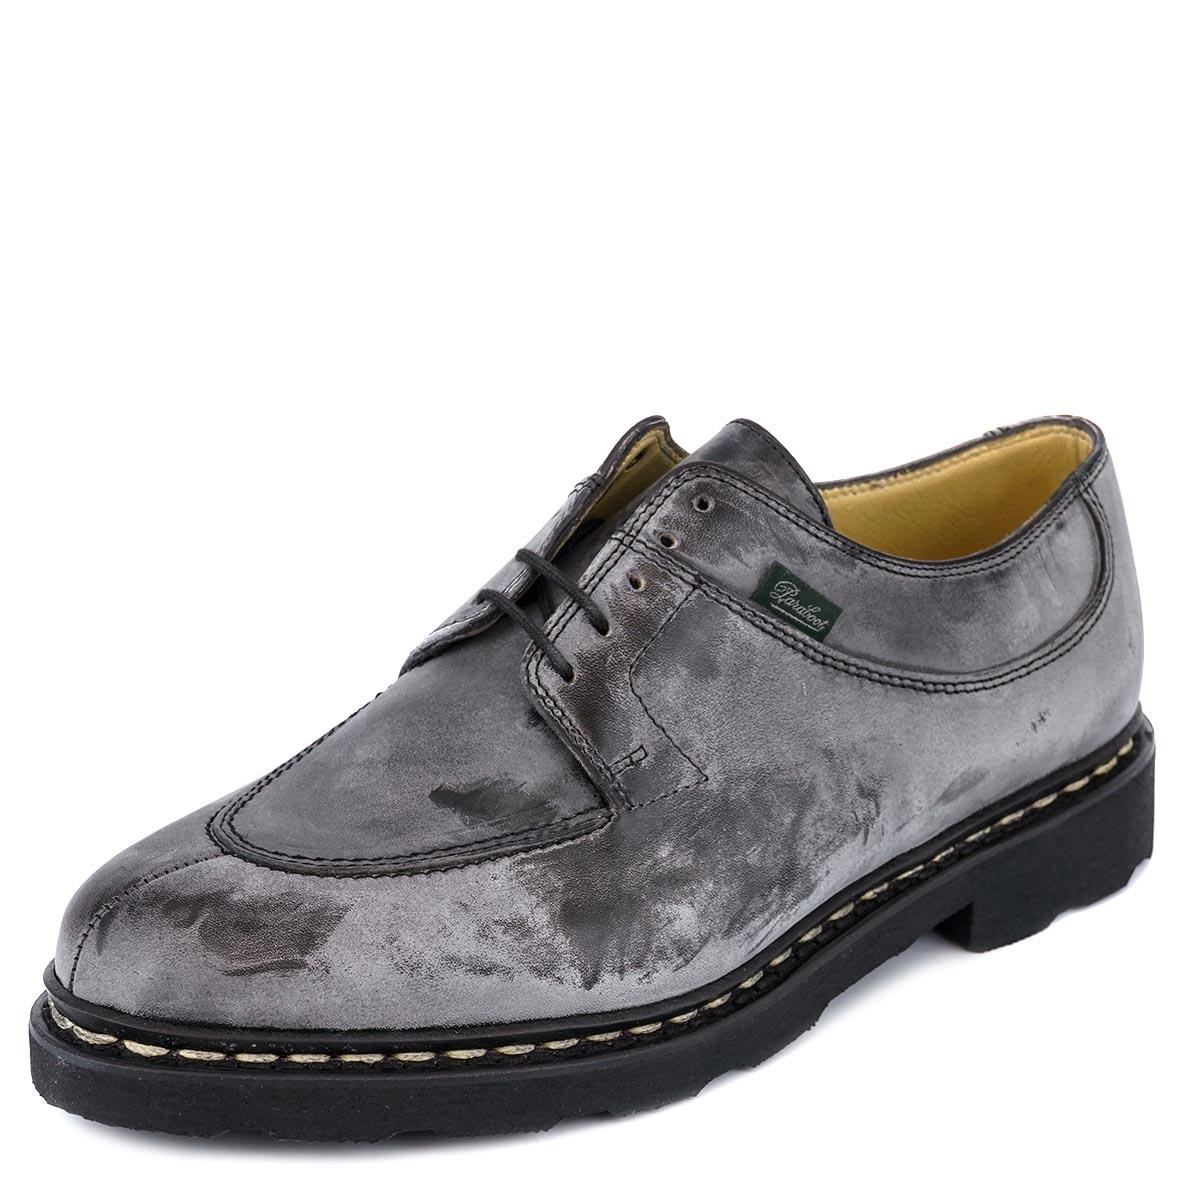 PARABOOT パラブーツ 革靴 AVIGNON アヴィニョン 705109 メンズ ローファー シューズ Noir ブラック 【送料無料 並行輸入品】